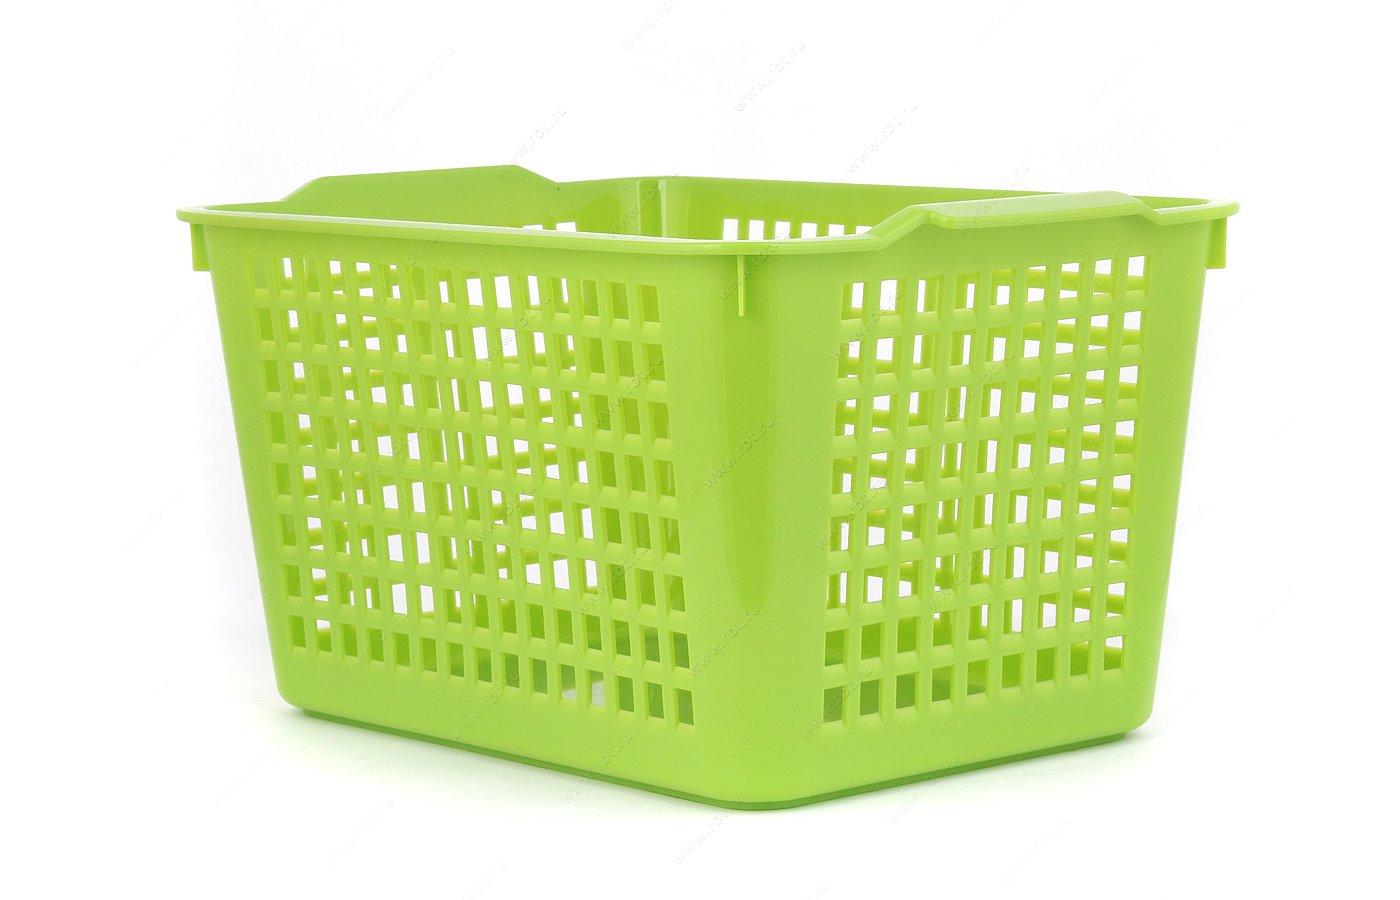 контейнеры для продуктов БЫТПЛАСТ 4312245 Корзинка уинвер. прям. выс. (27.2/19/14.5)